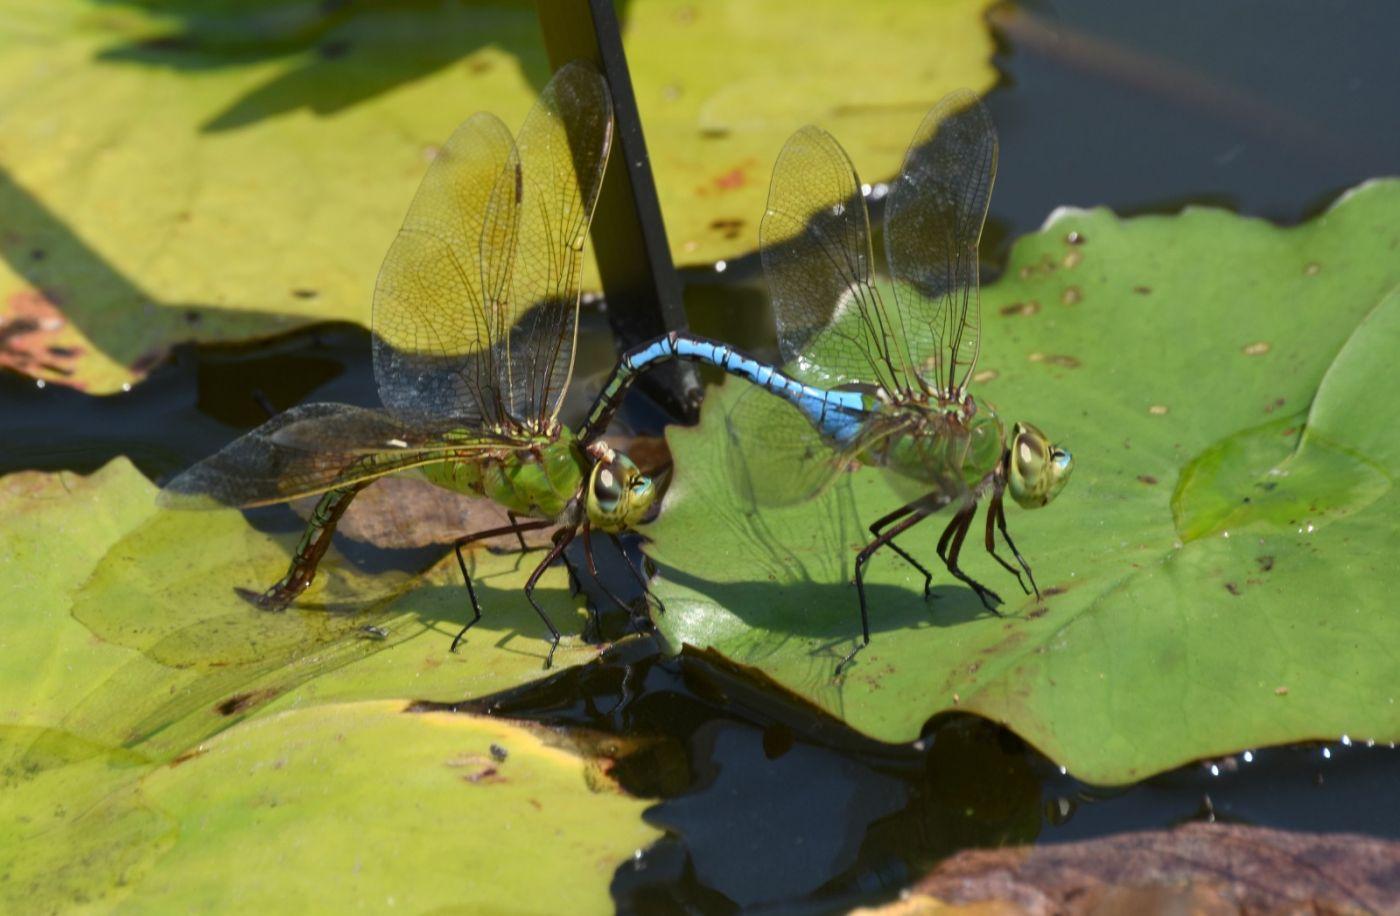 轻盈秀丽的蜻蜓_图1-25